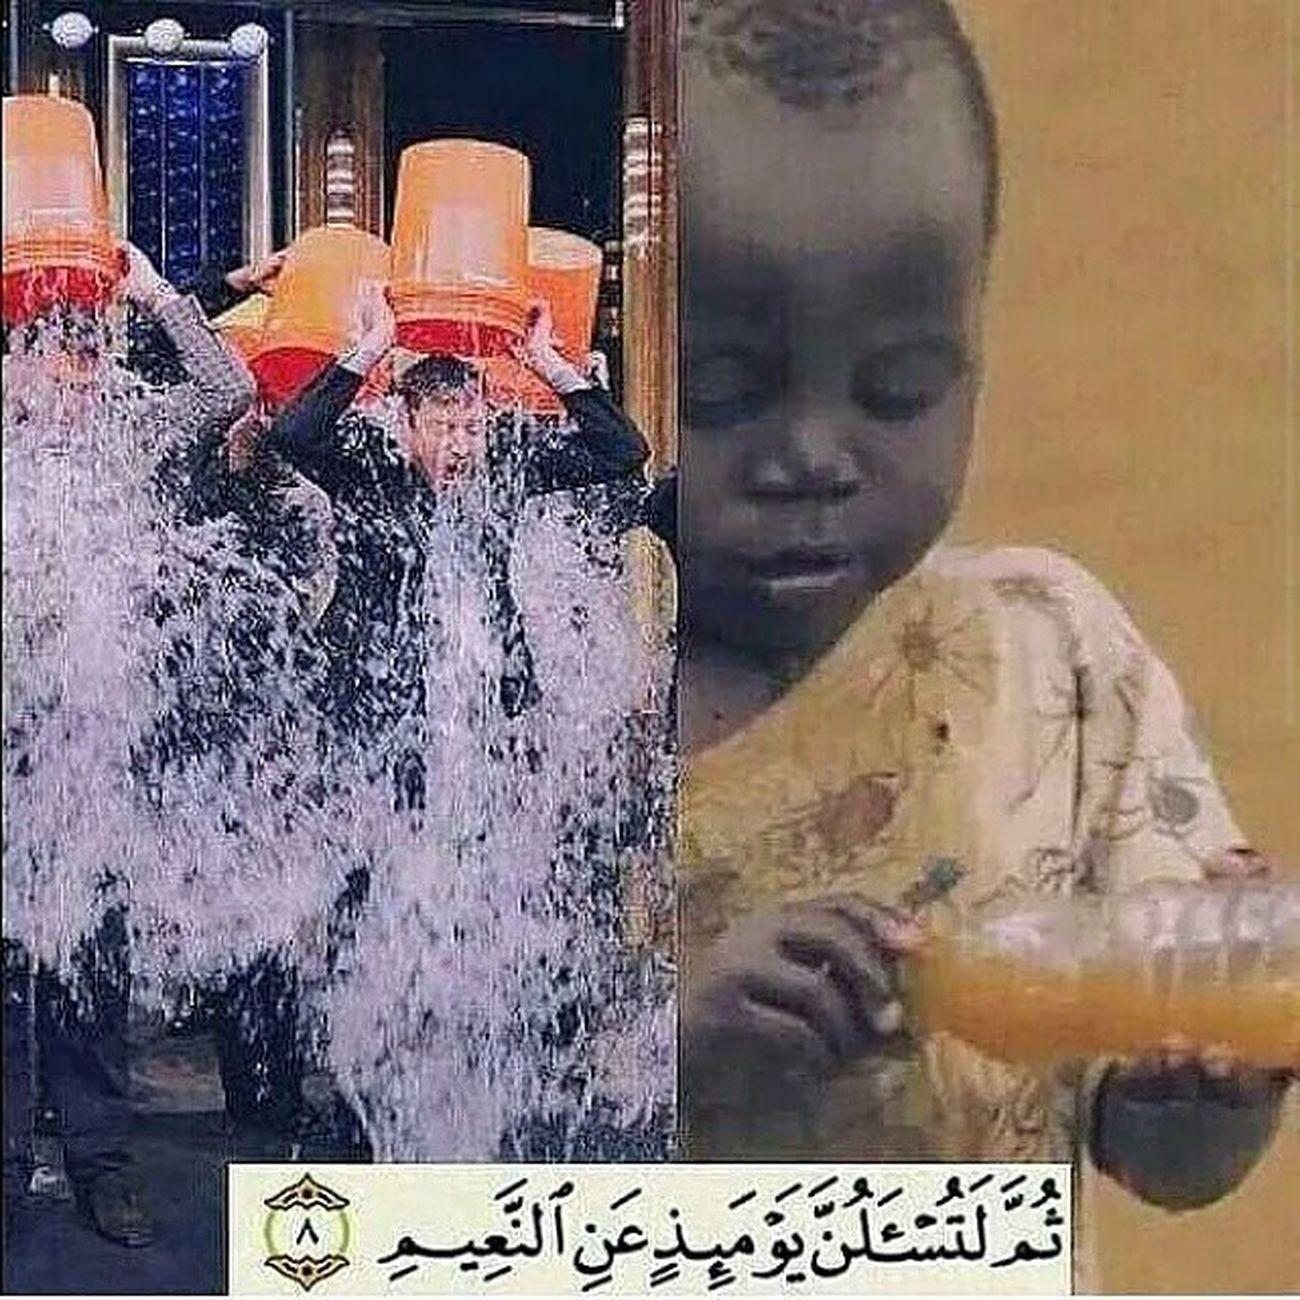 تحدي_الثلج تفاهة غباء هاشتاقات_انستقرام_العربية ~